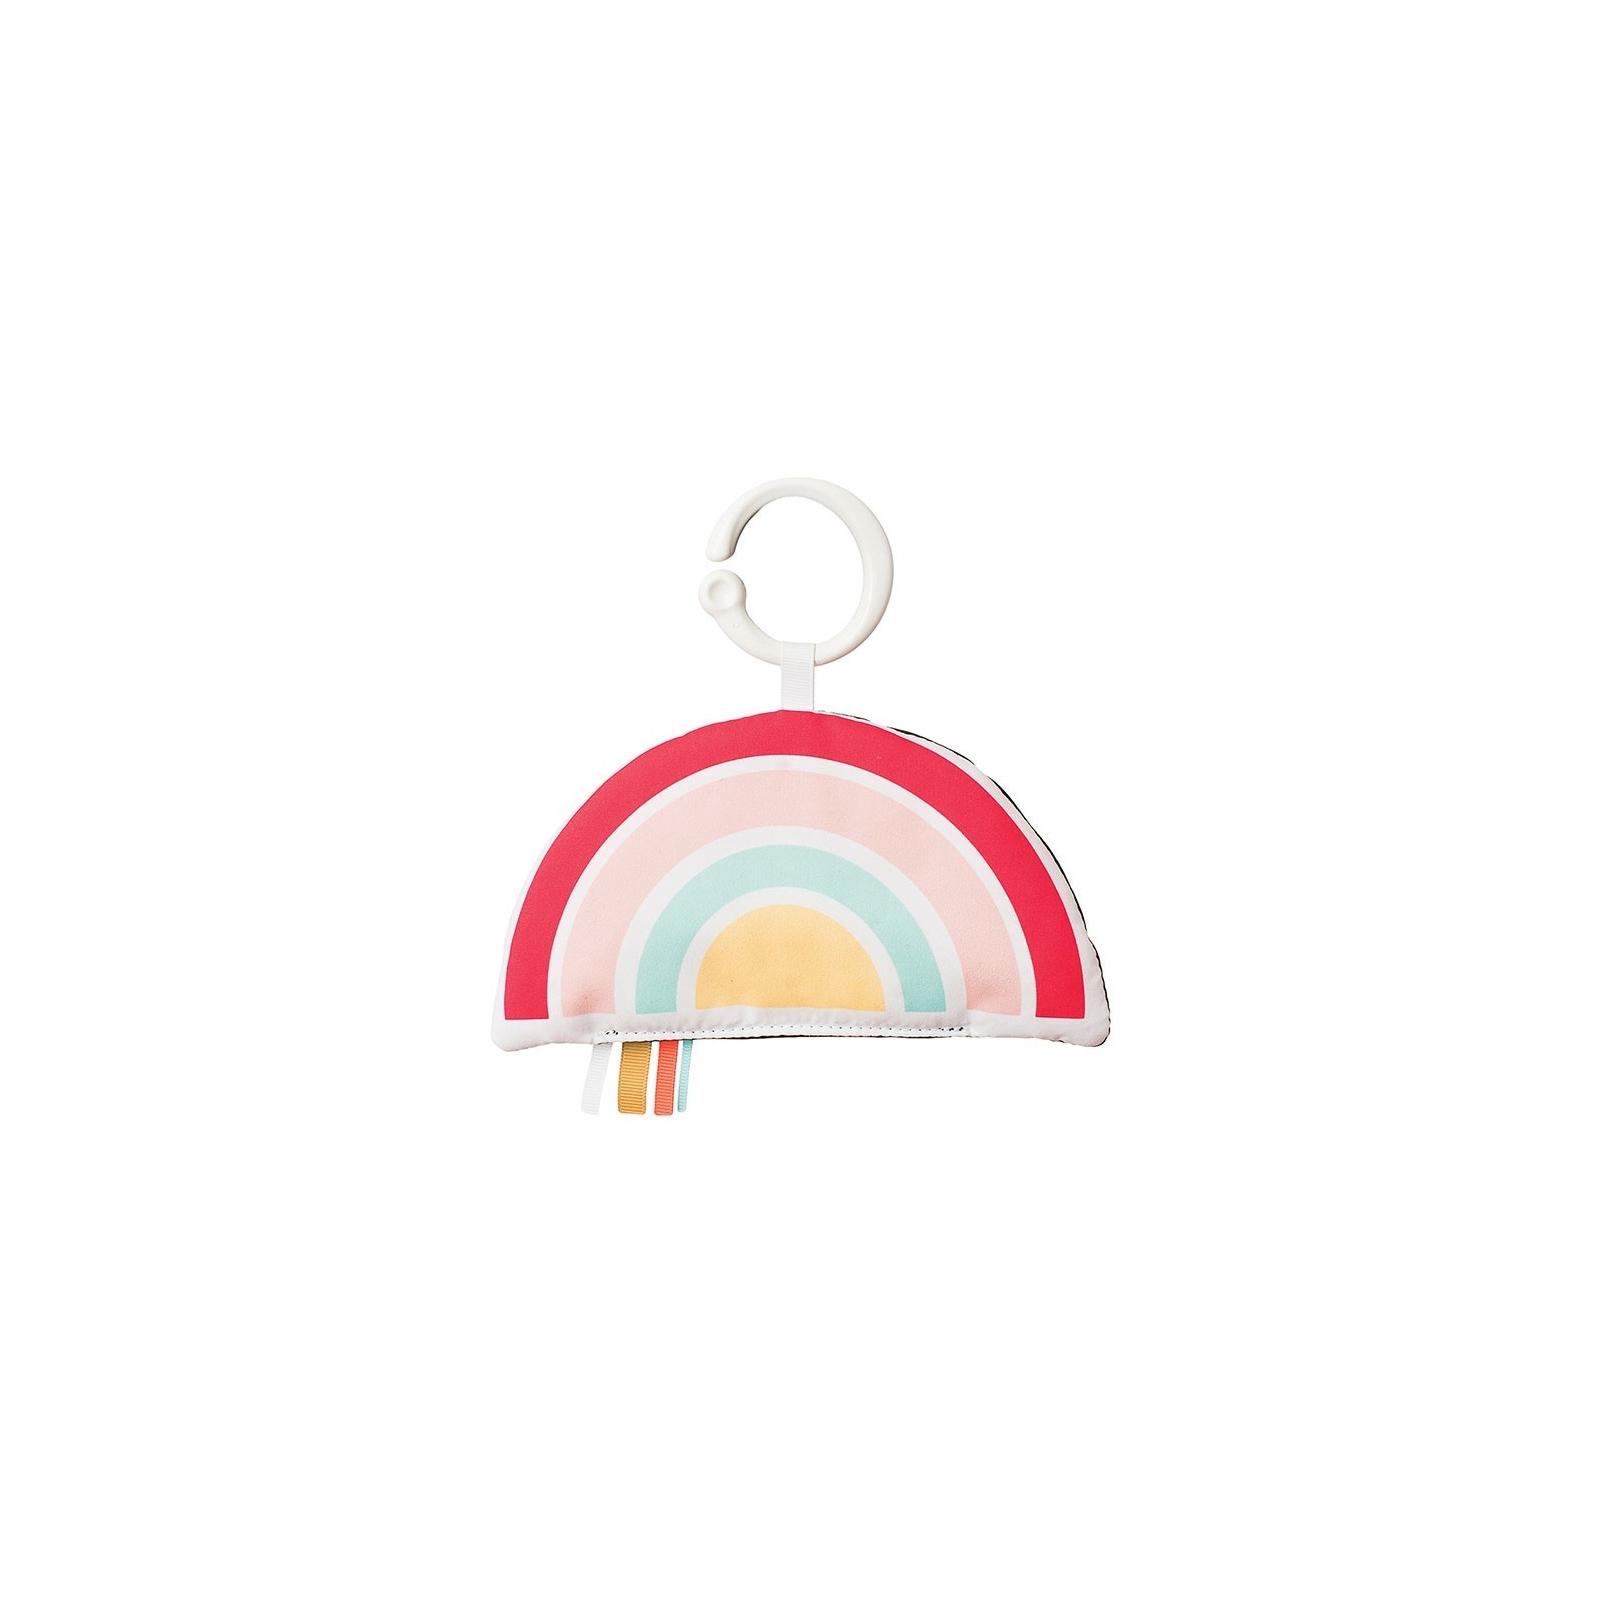 Детский коврик Taf Toys Полярное сияние 4-в-1 музыкальный кокон (12235) изображение 5